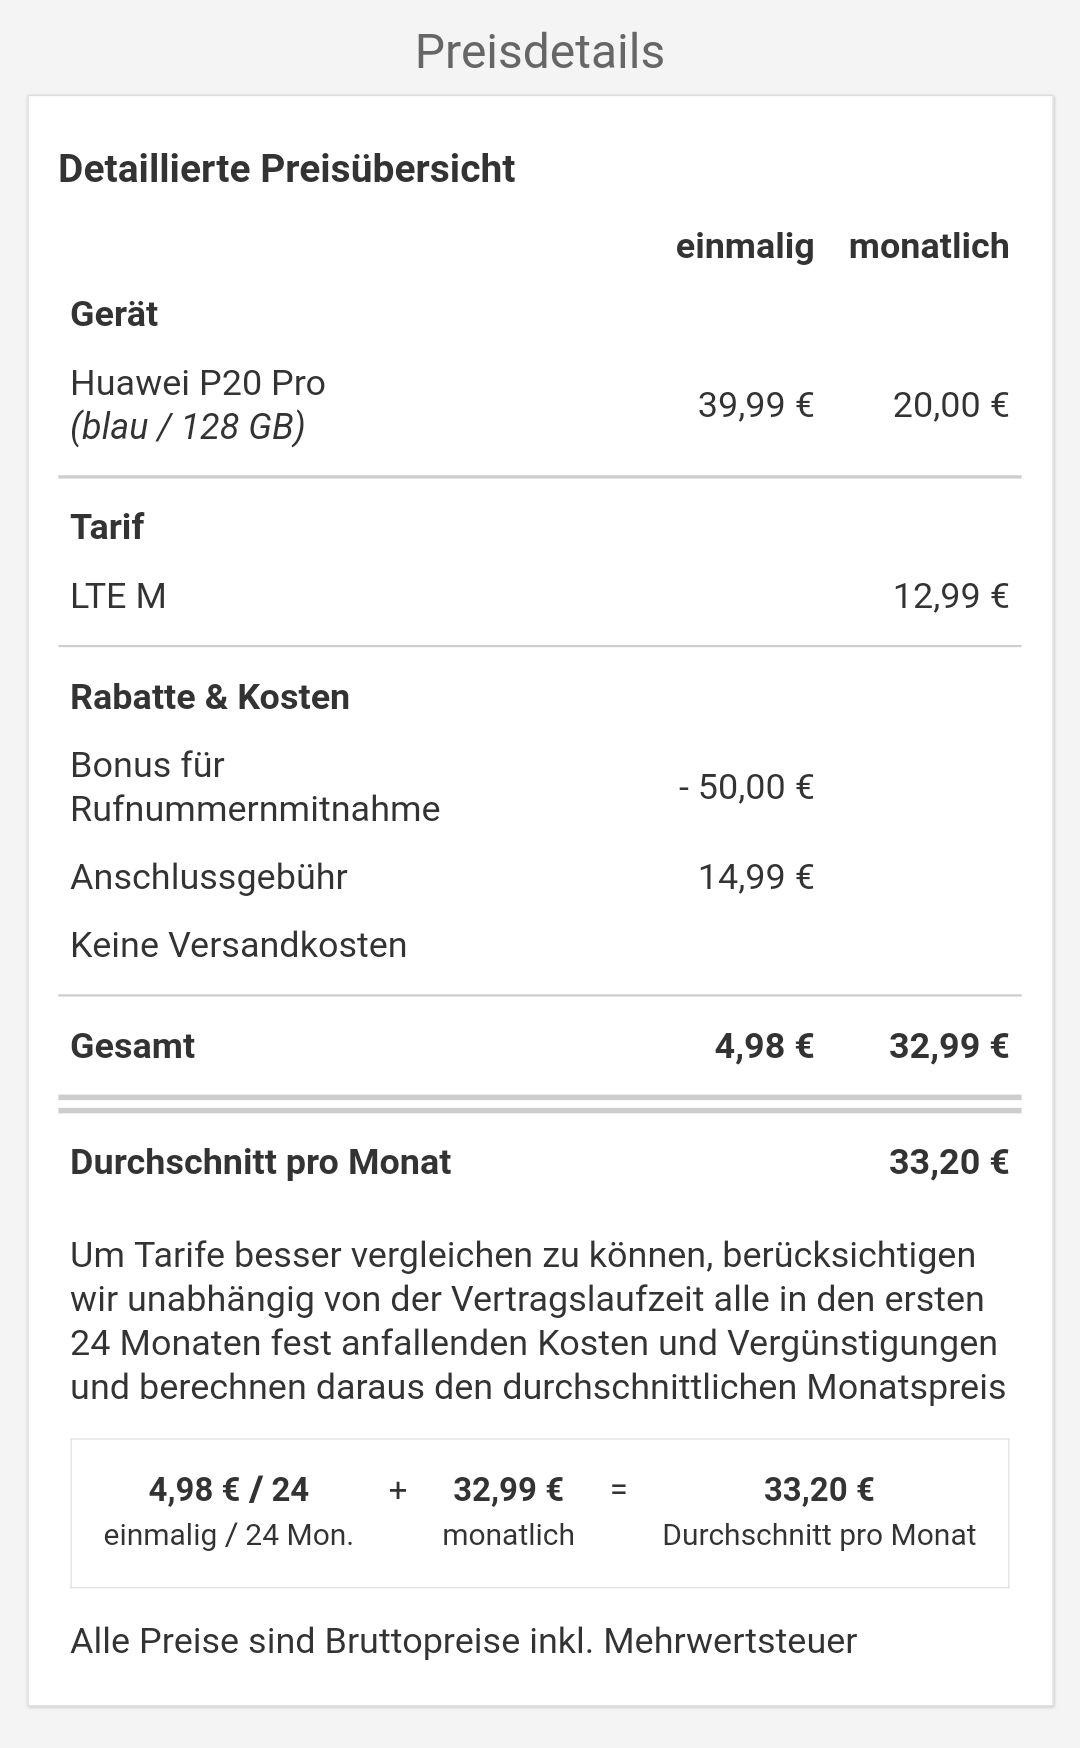 Huawei p20 pro mit Vertrag PremiumSim O2 für 846,74€ (-50€ möglich) check24